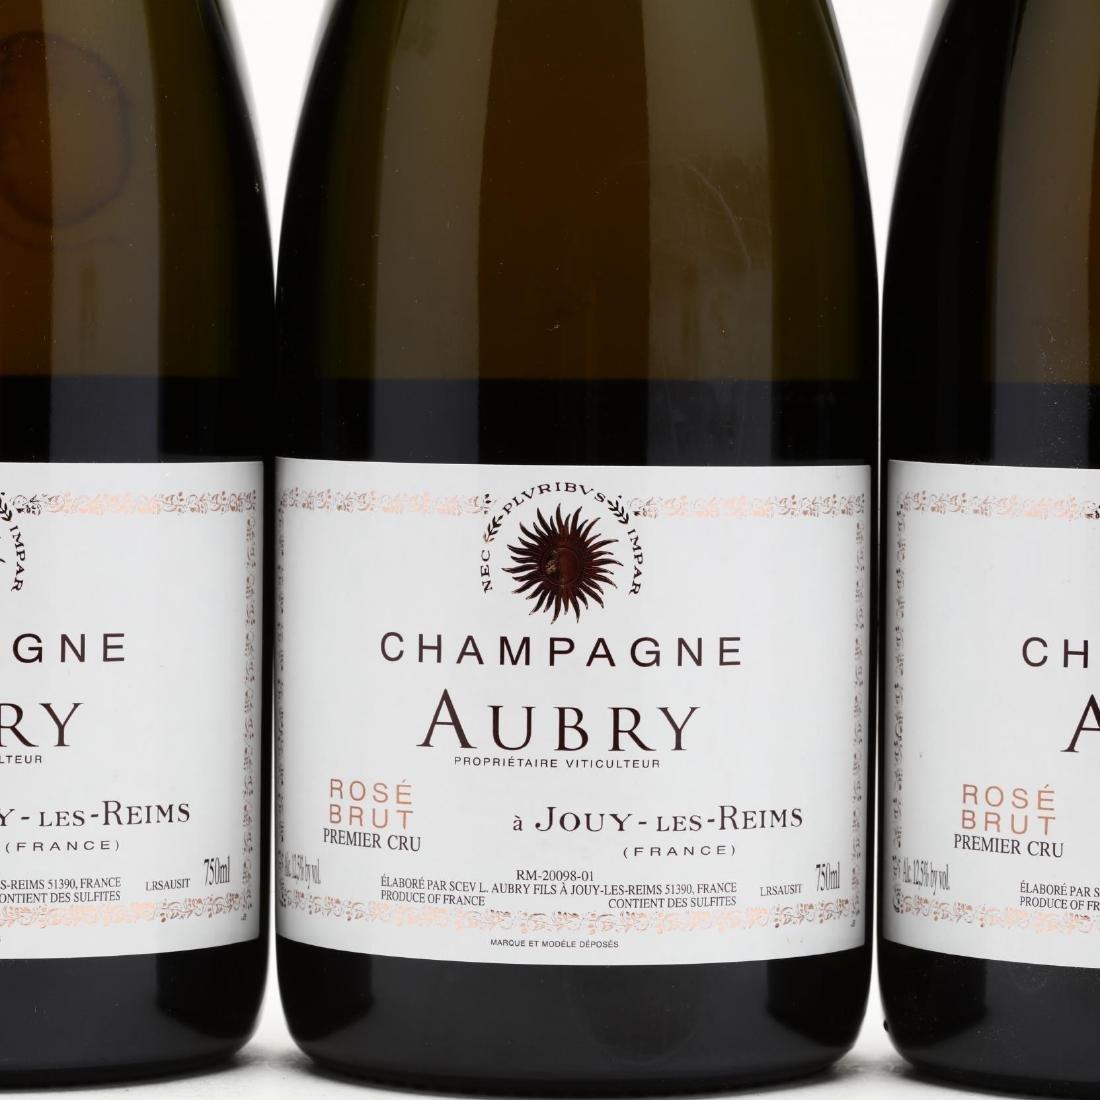 L. Aubry Champagne - NV - 2